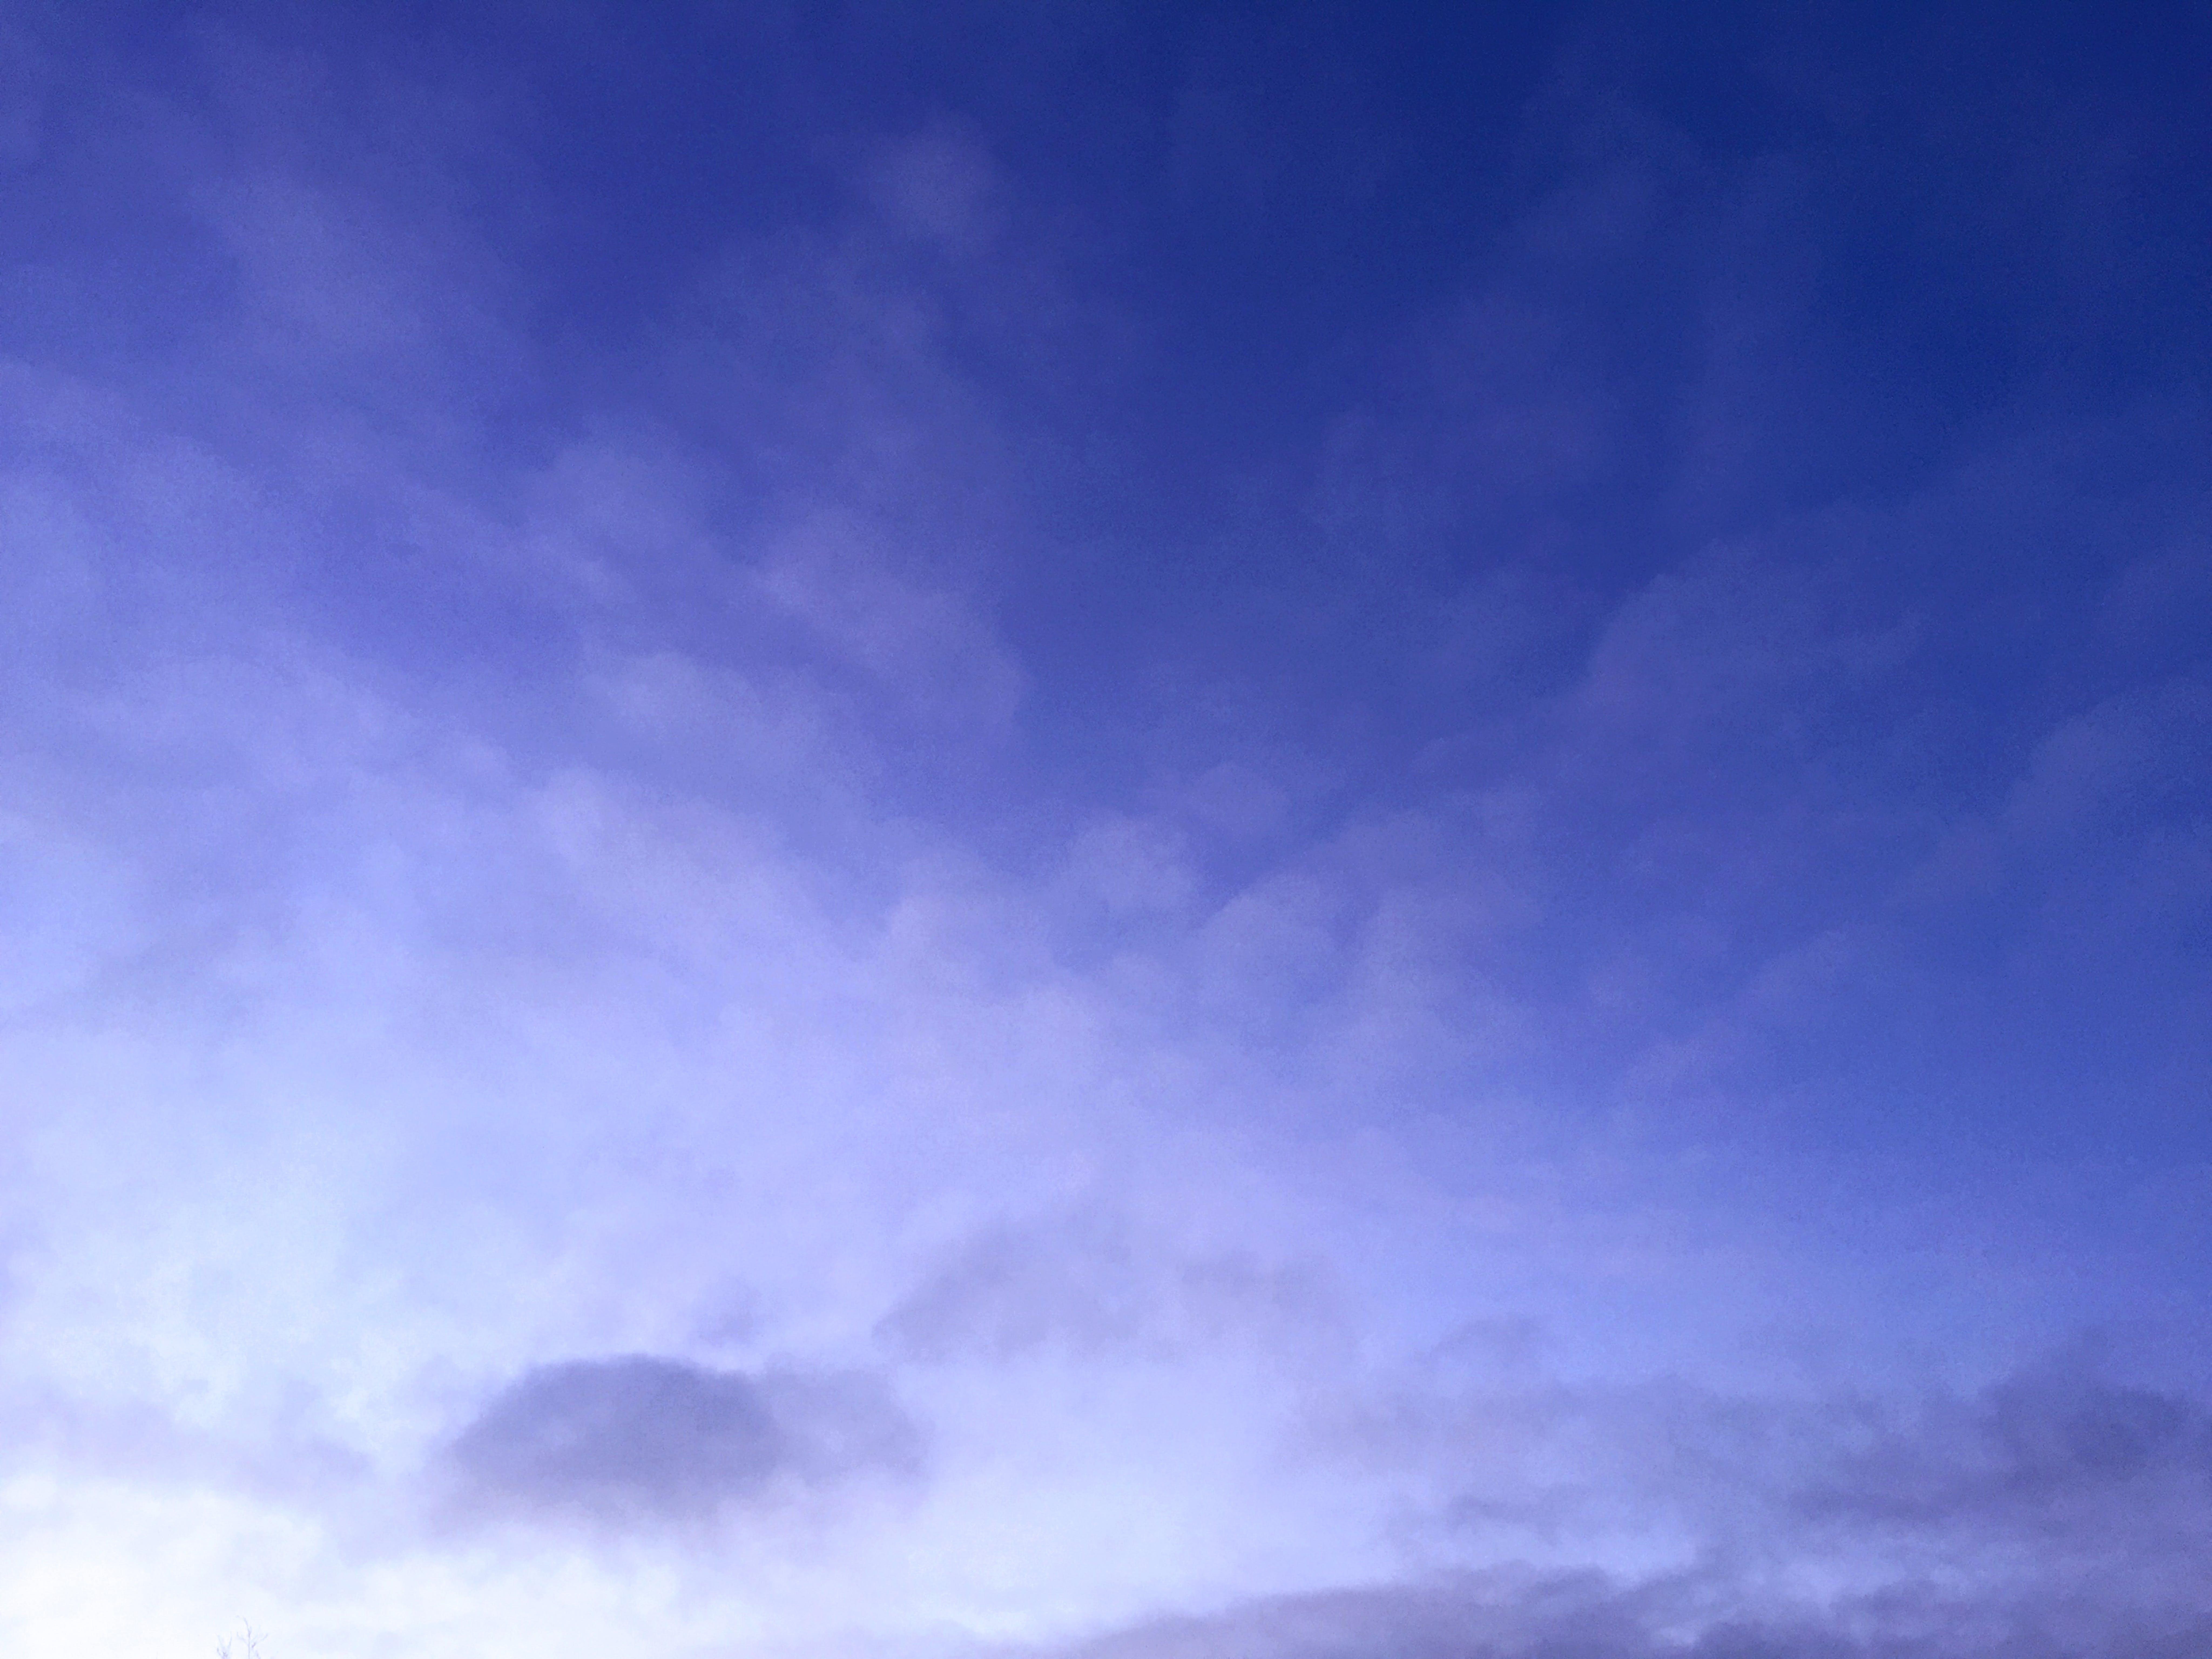 Δωρεάν στοκ φωτογραφιών με γαλάζιος ουρανός, ουρανός, σύννεφα, σύννεφο